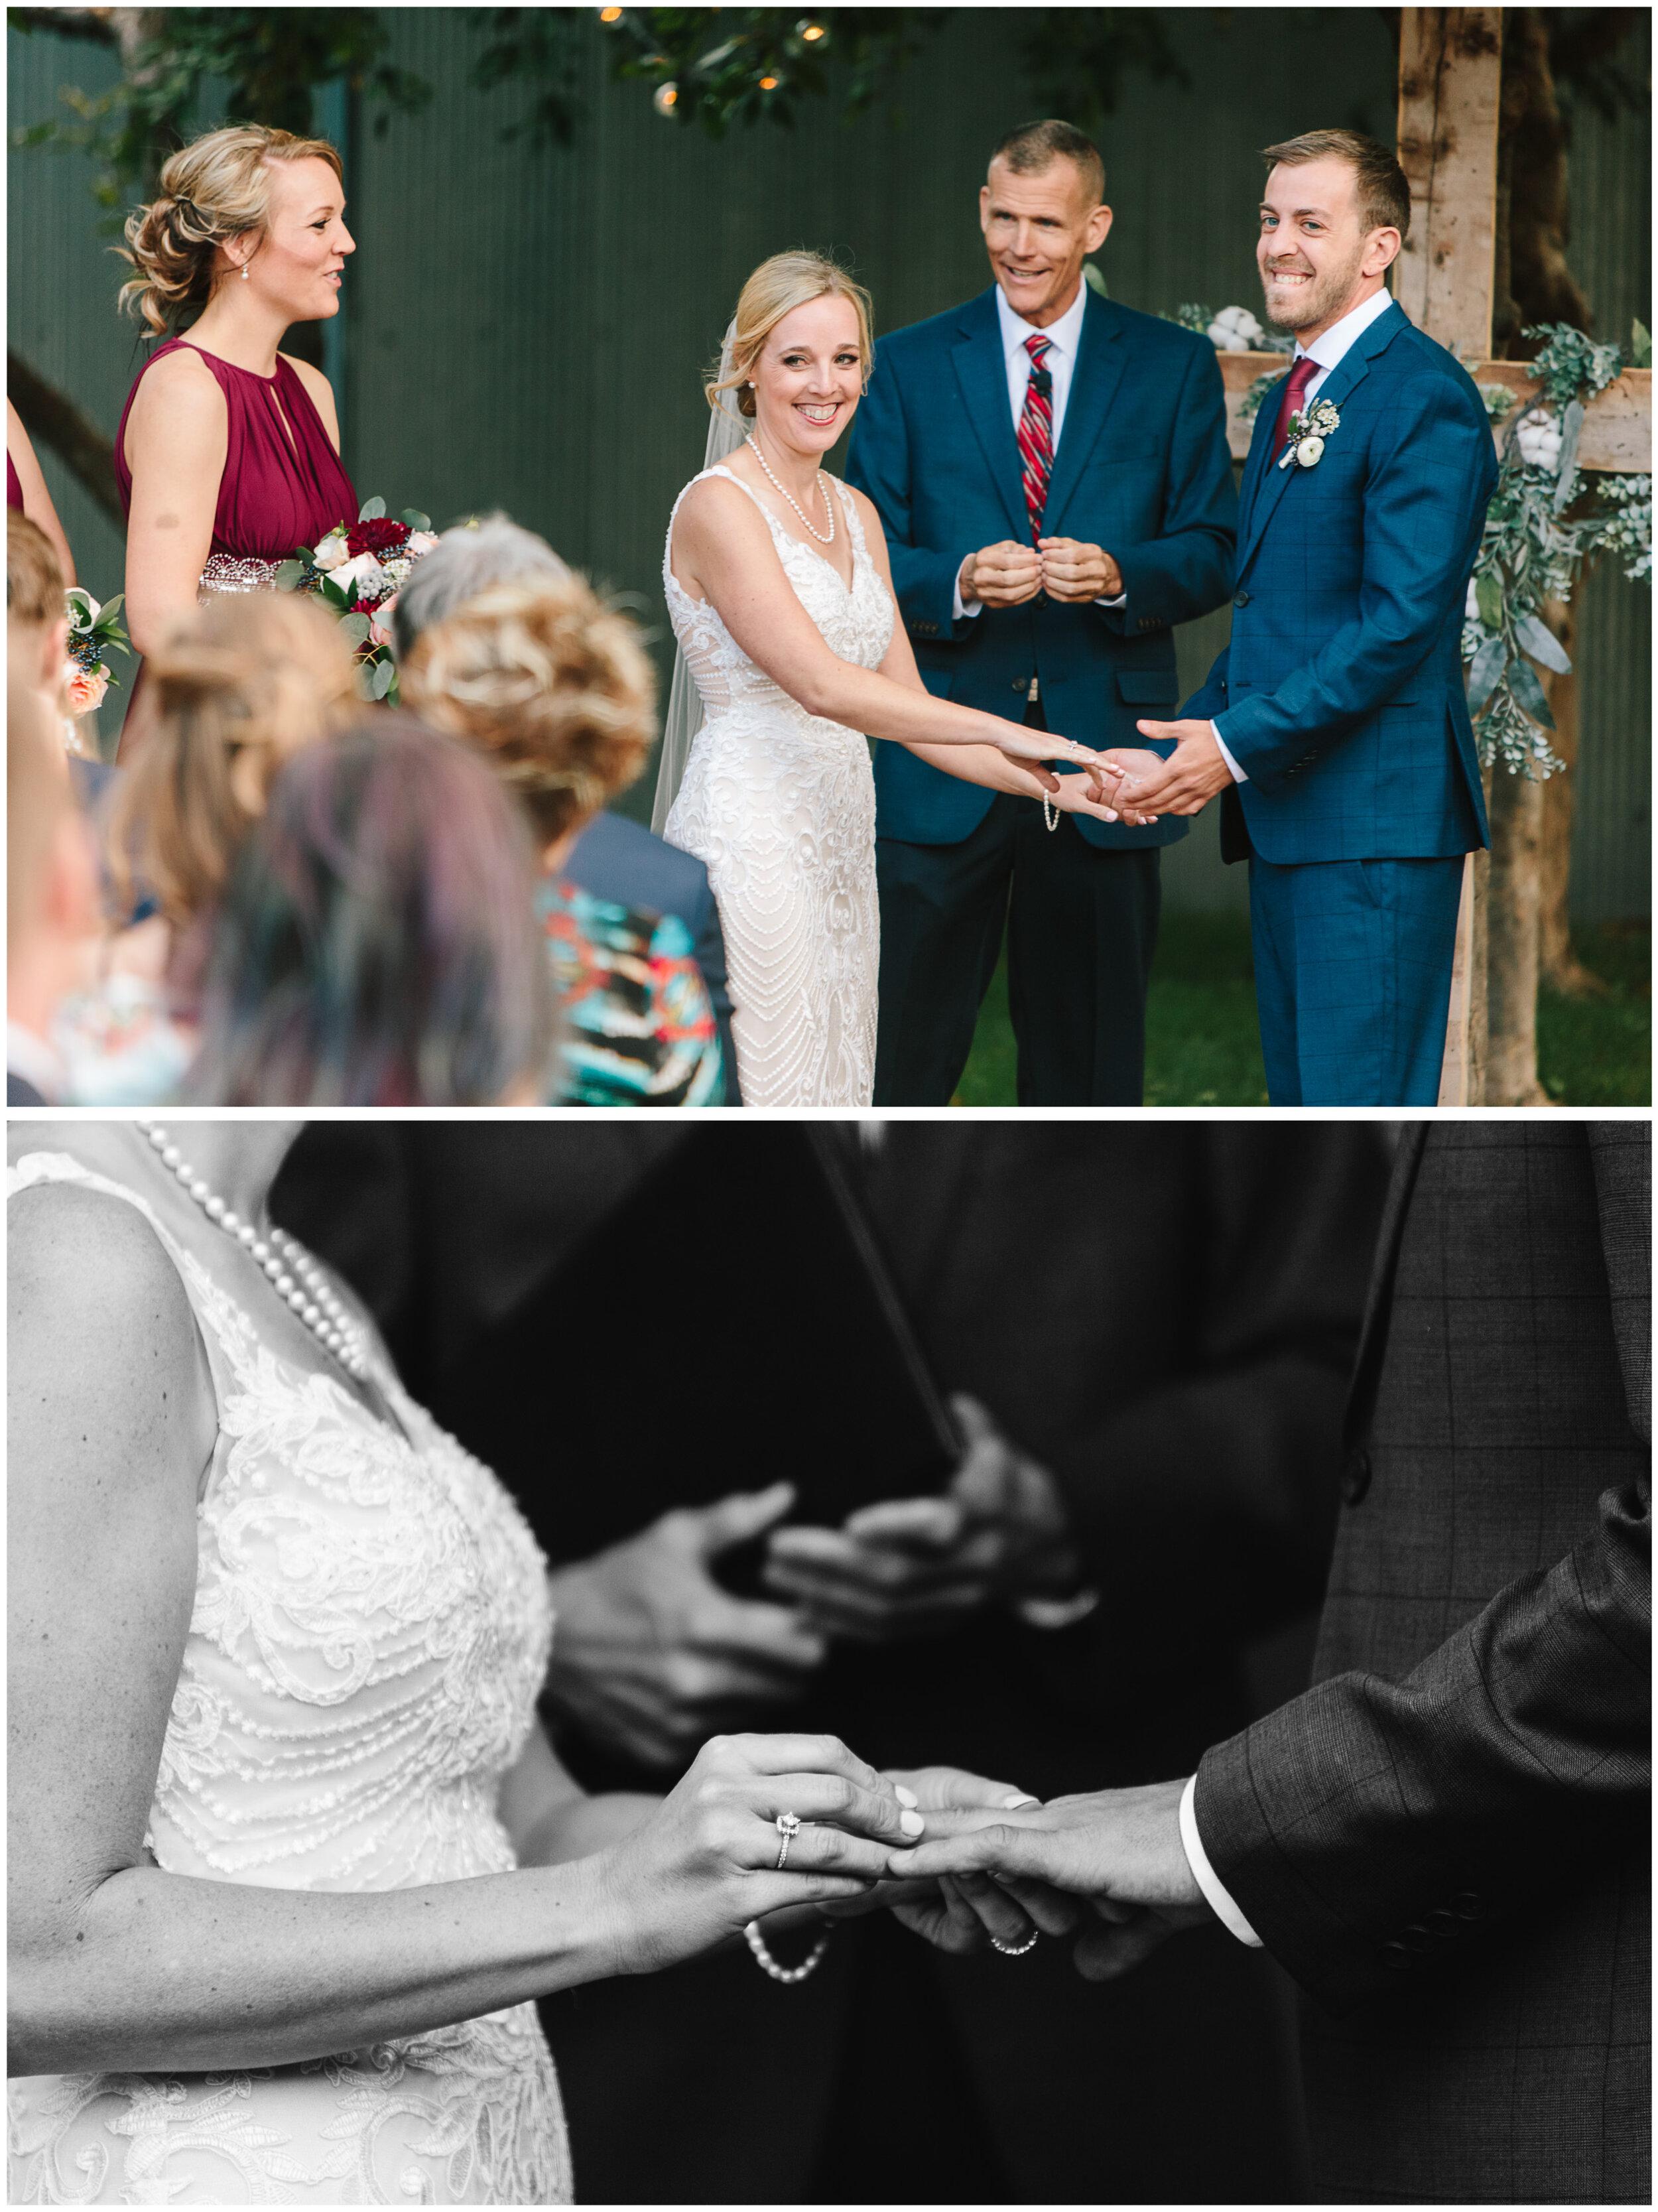 Blanc_Denver_Wedding_48.jpg